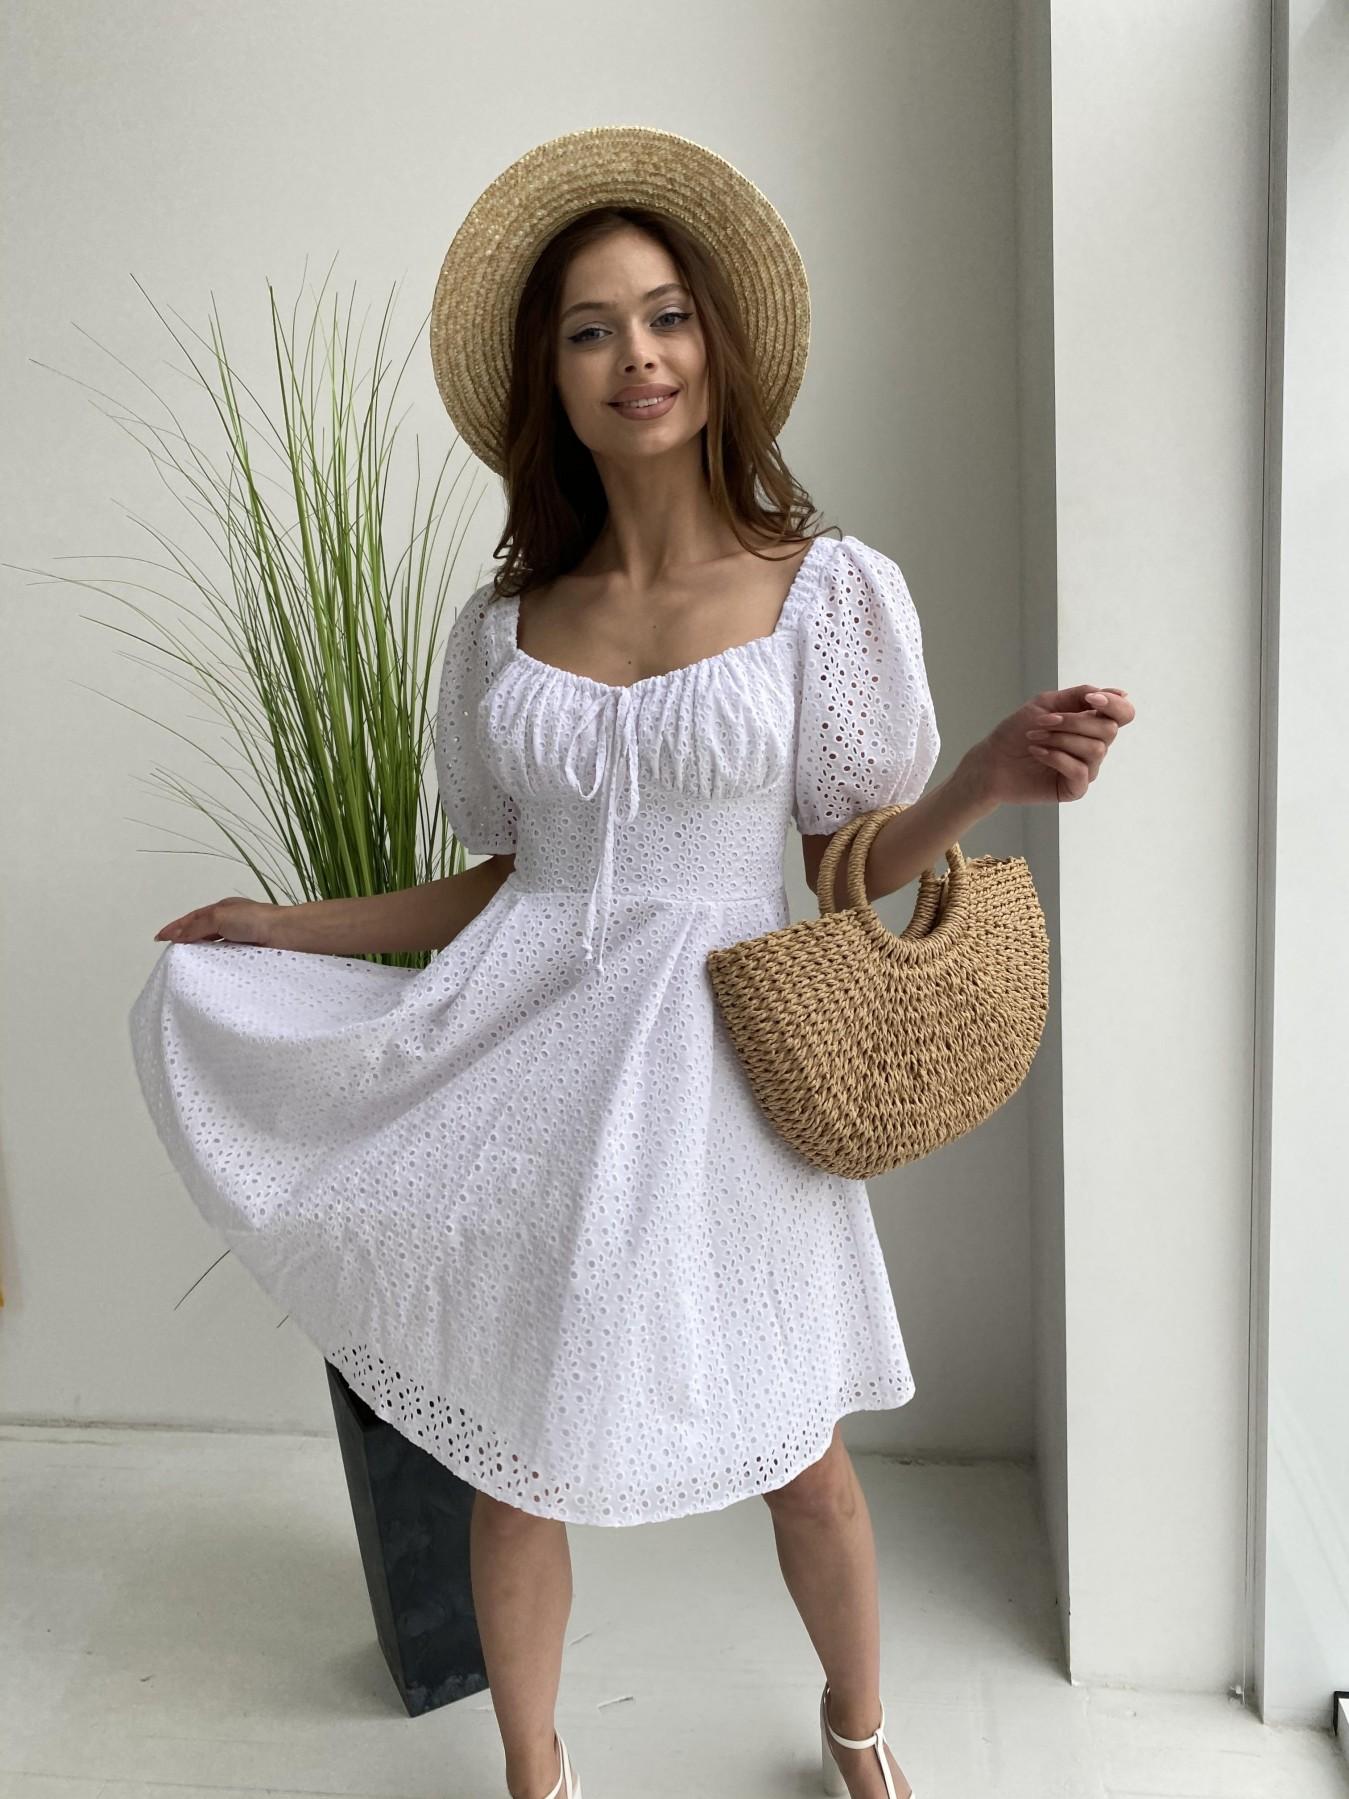 Кисес мини платье из прошвы 11439 АРТ. 48012 Цвет: Белый/МелЦветПерфор - фото 3, интернет магазин tm-modus.ru